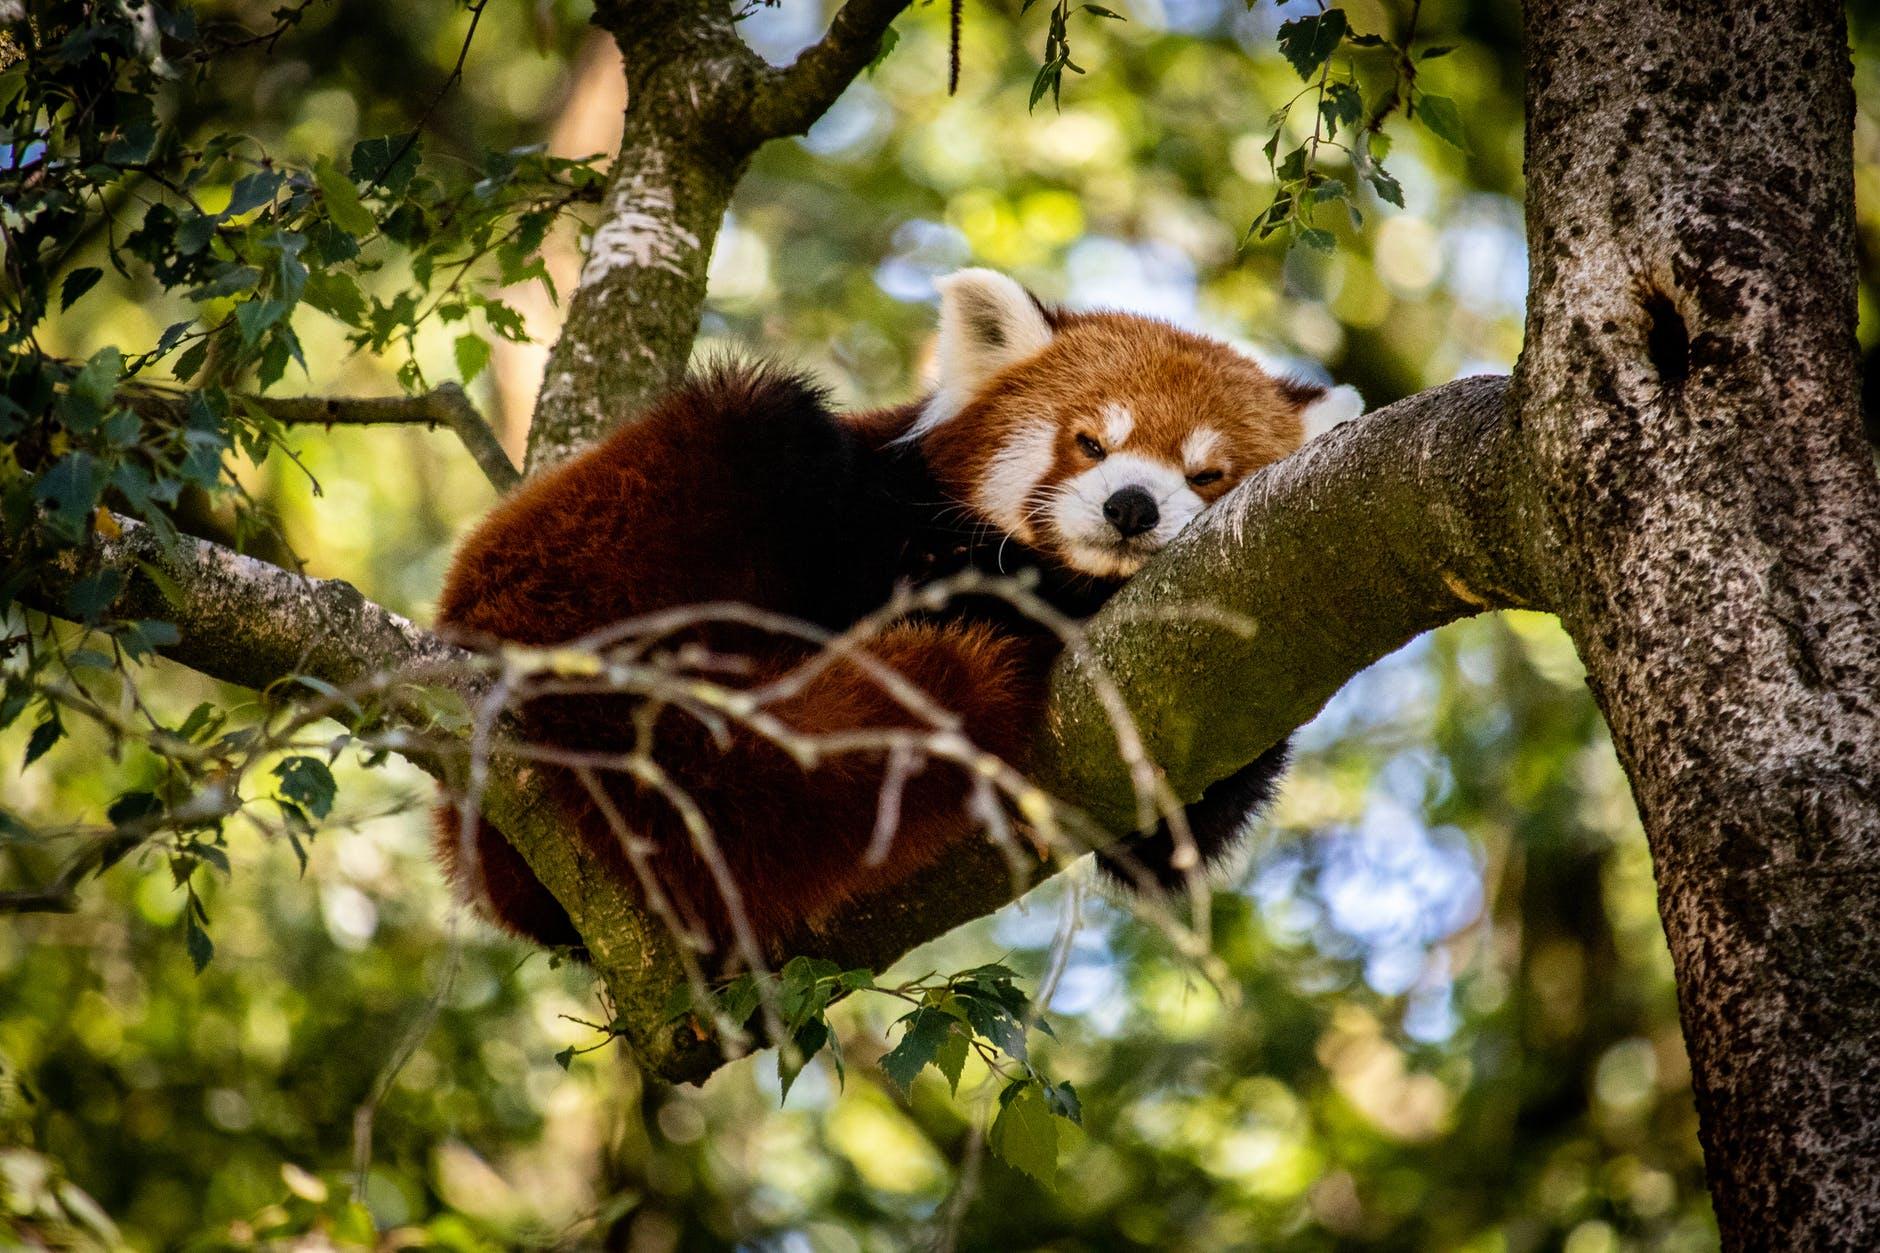 Roter Panda kauert auf einem Baum